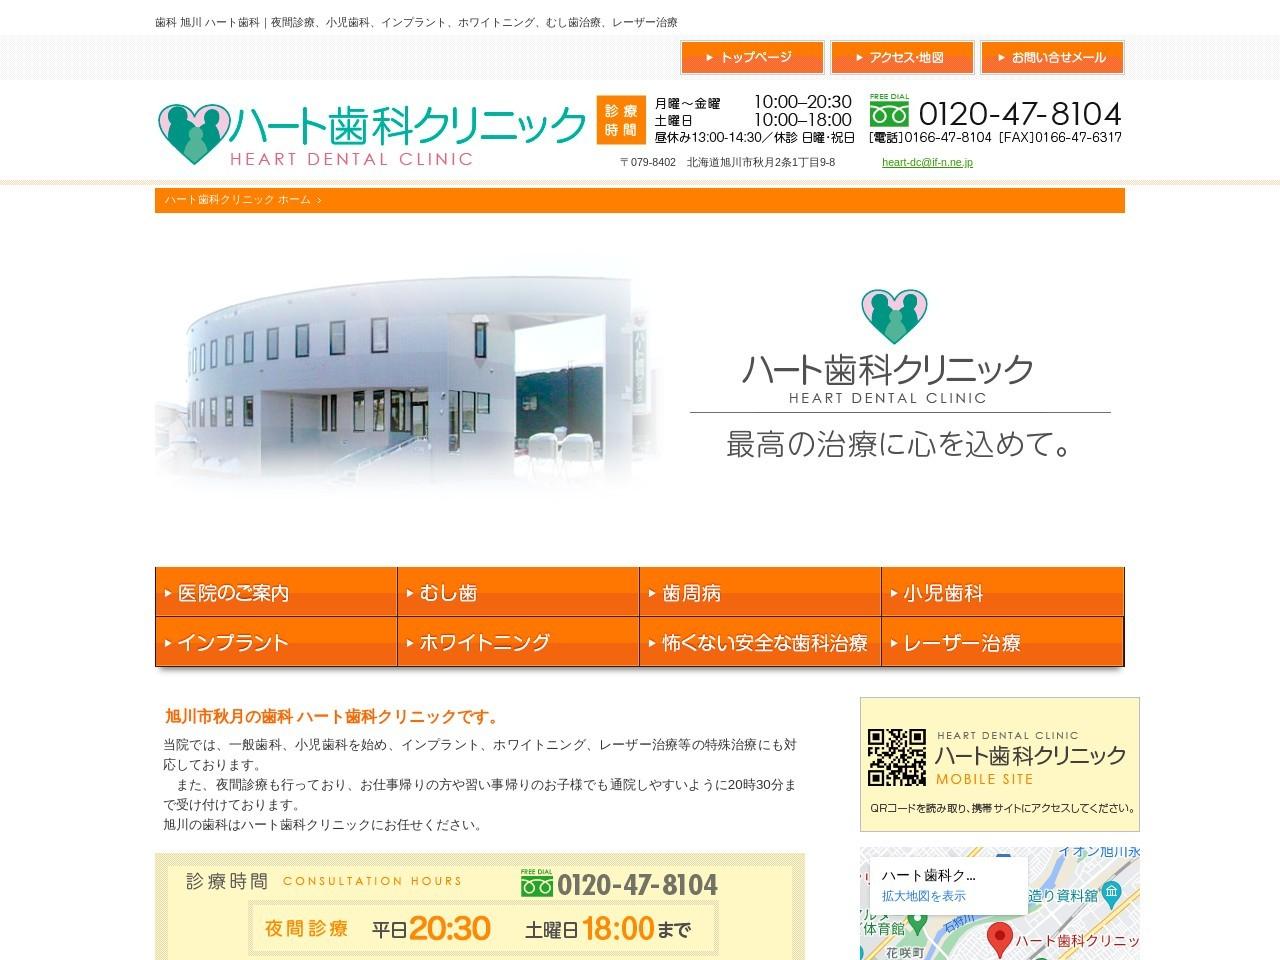 ハート歯科クリニック (北海道旭川市)